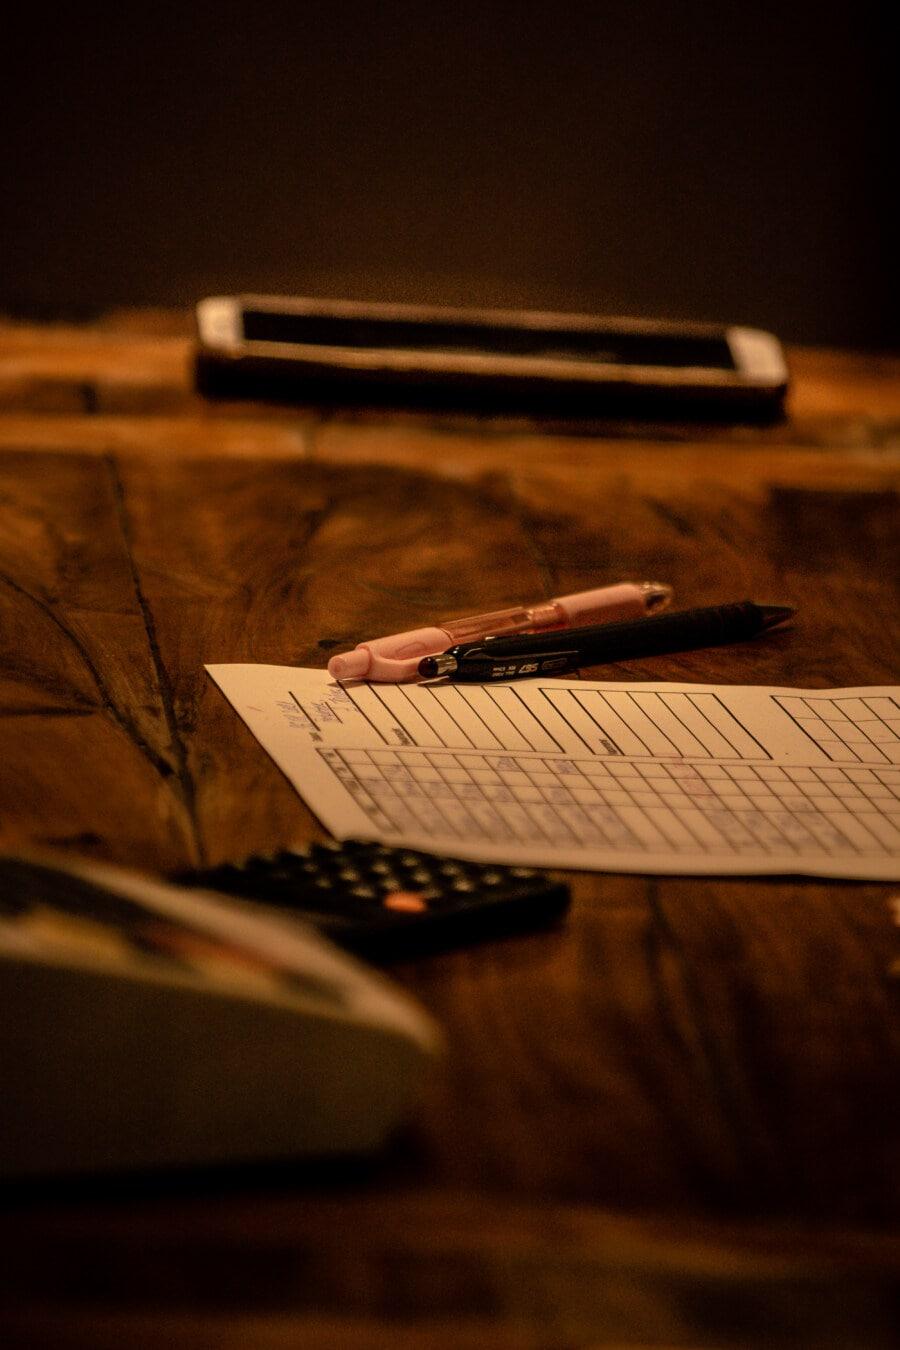 Schreibtisch, Büro, Bleistift, Papier, Papierkram, Dokument, Signatur, Still-Leben, Schreiben, verwischen